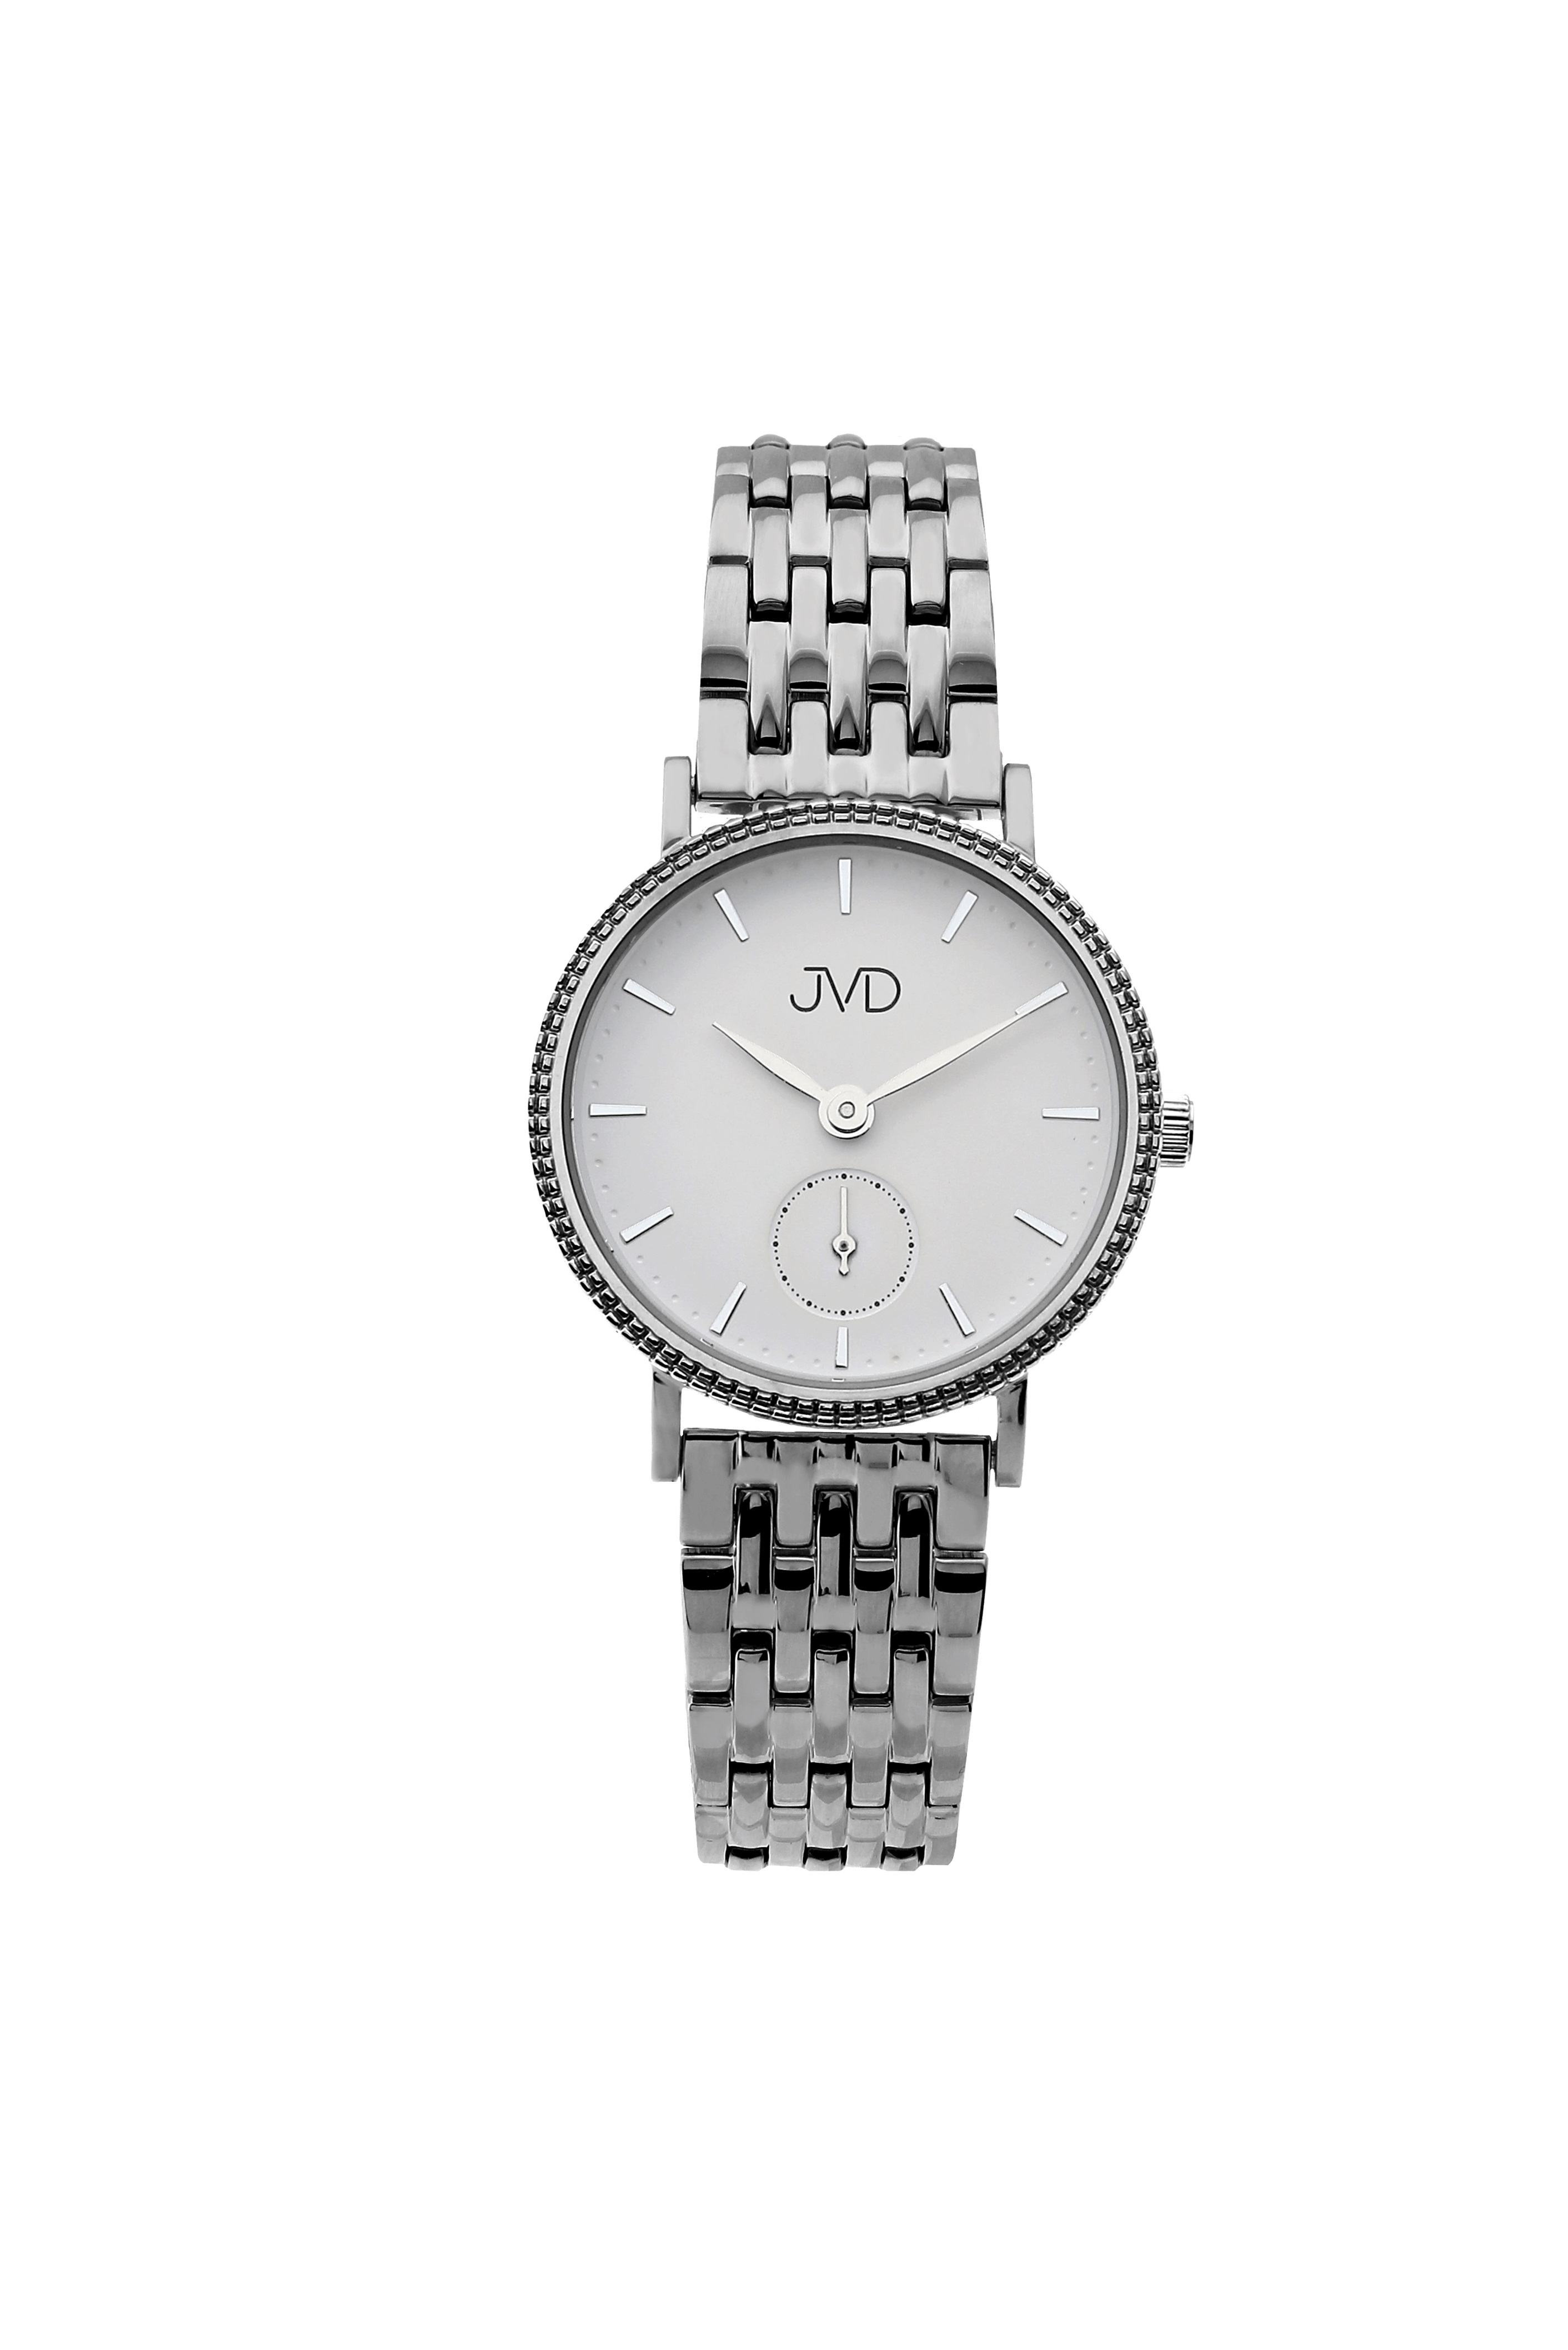 Dámské společenské náramkové hodinky JVD J4162.1 (POŠTOVNÉ ZDARMA!!)